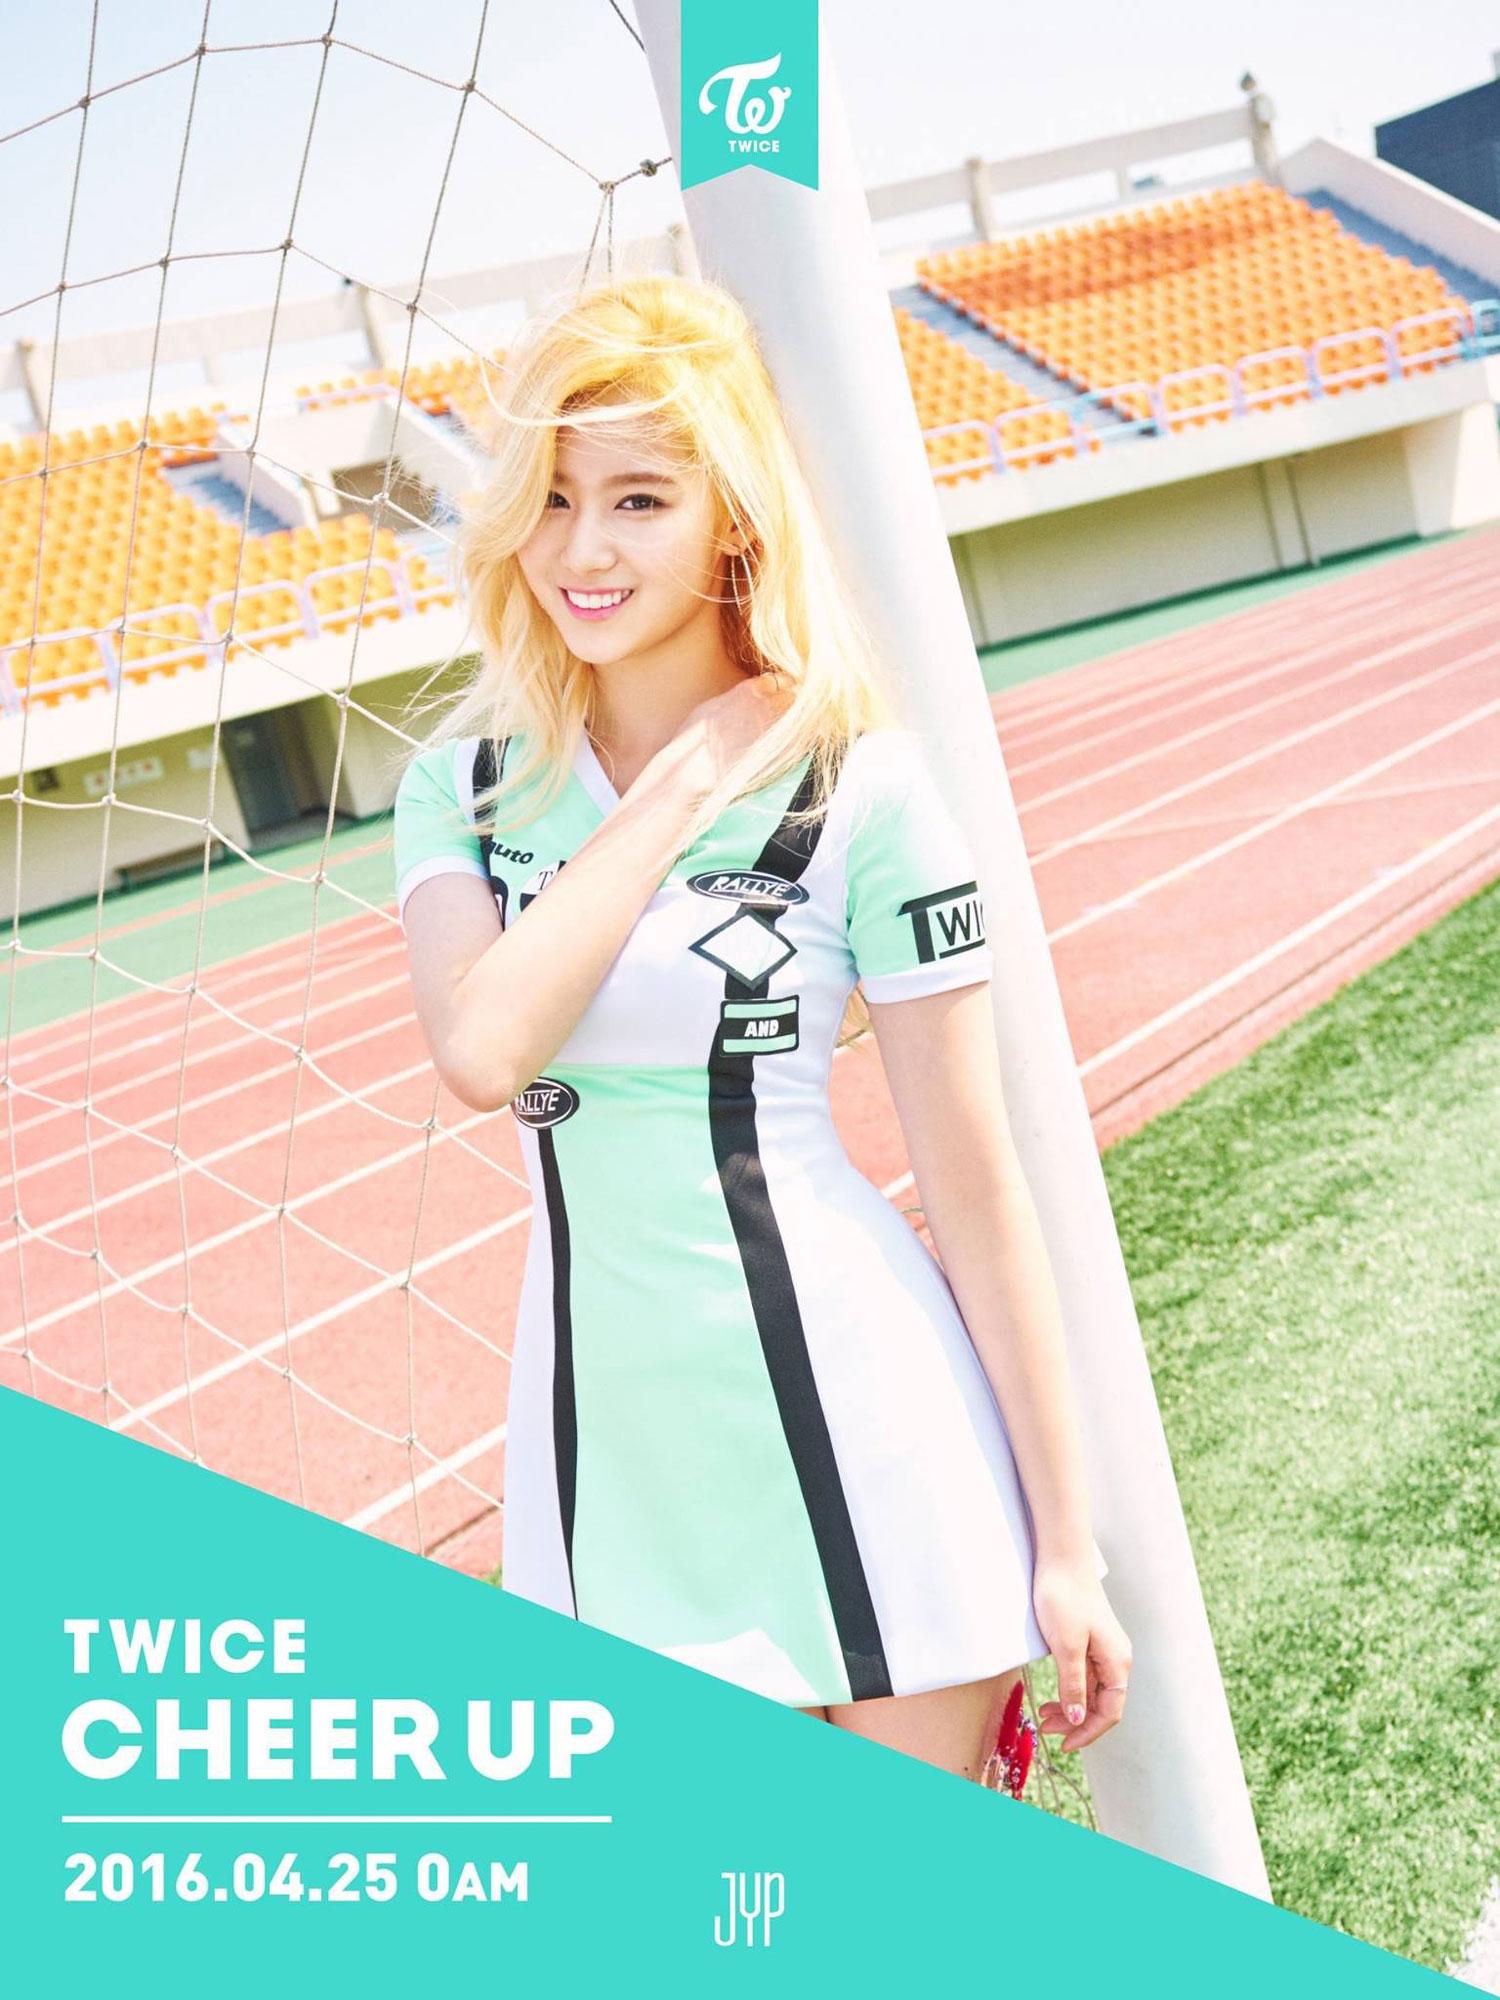 TWICE Sana Cheer Up album concept photo